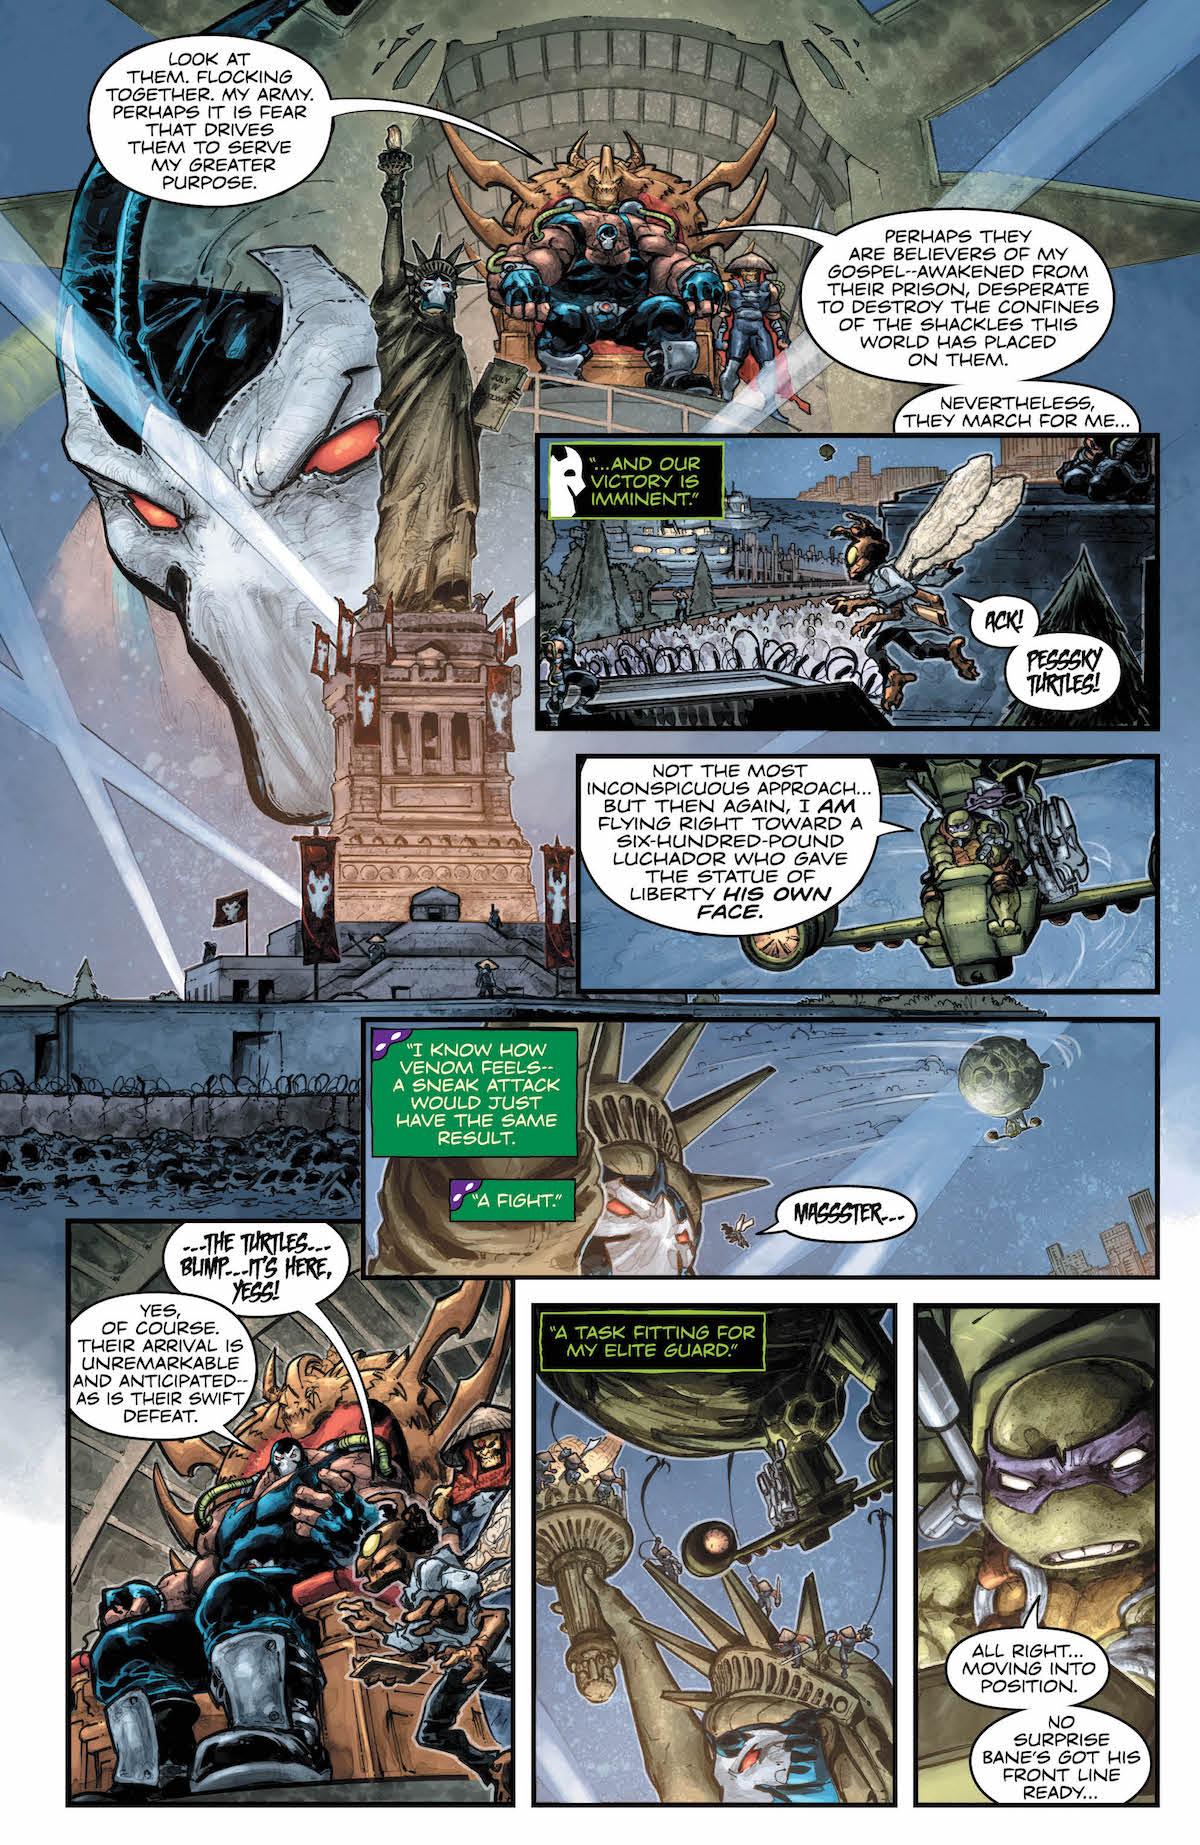 Batman Teenage Mutant Ninja Turtles 2 #6 page 1